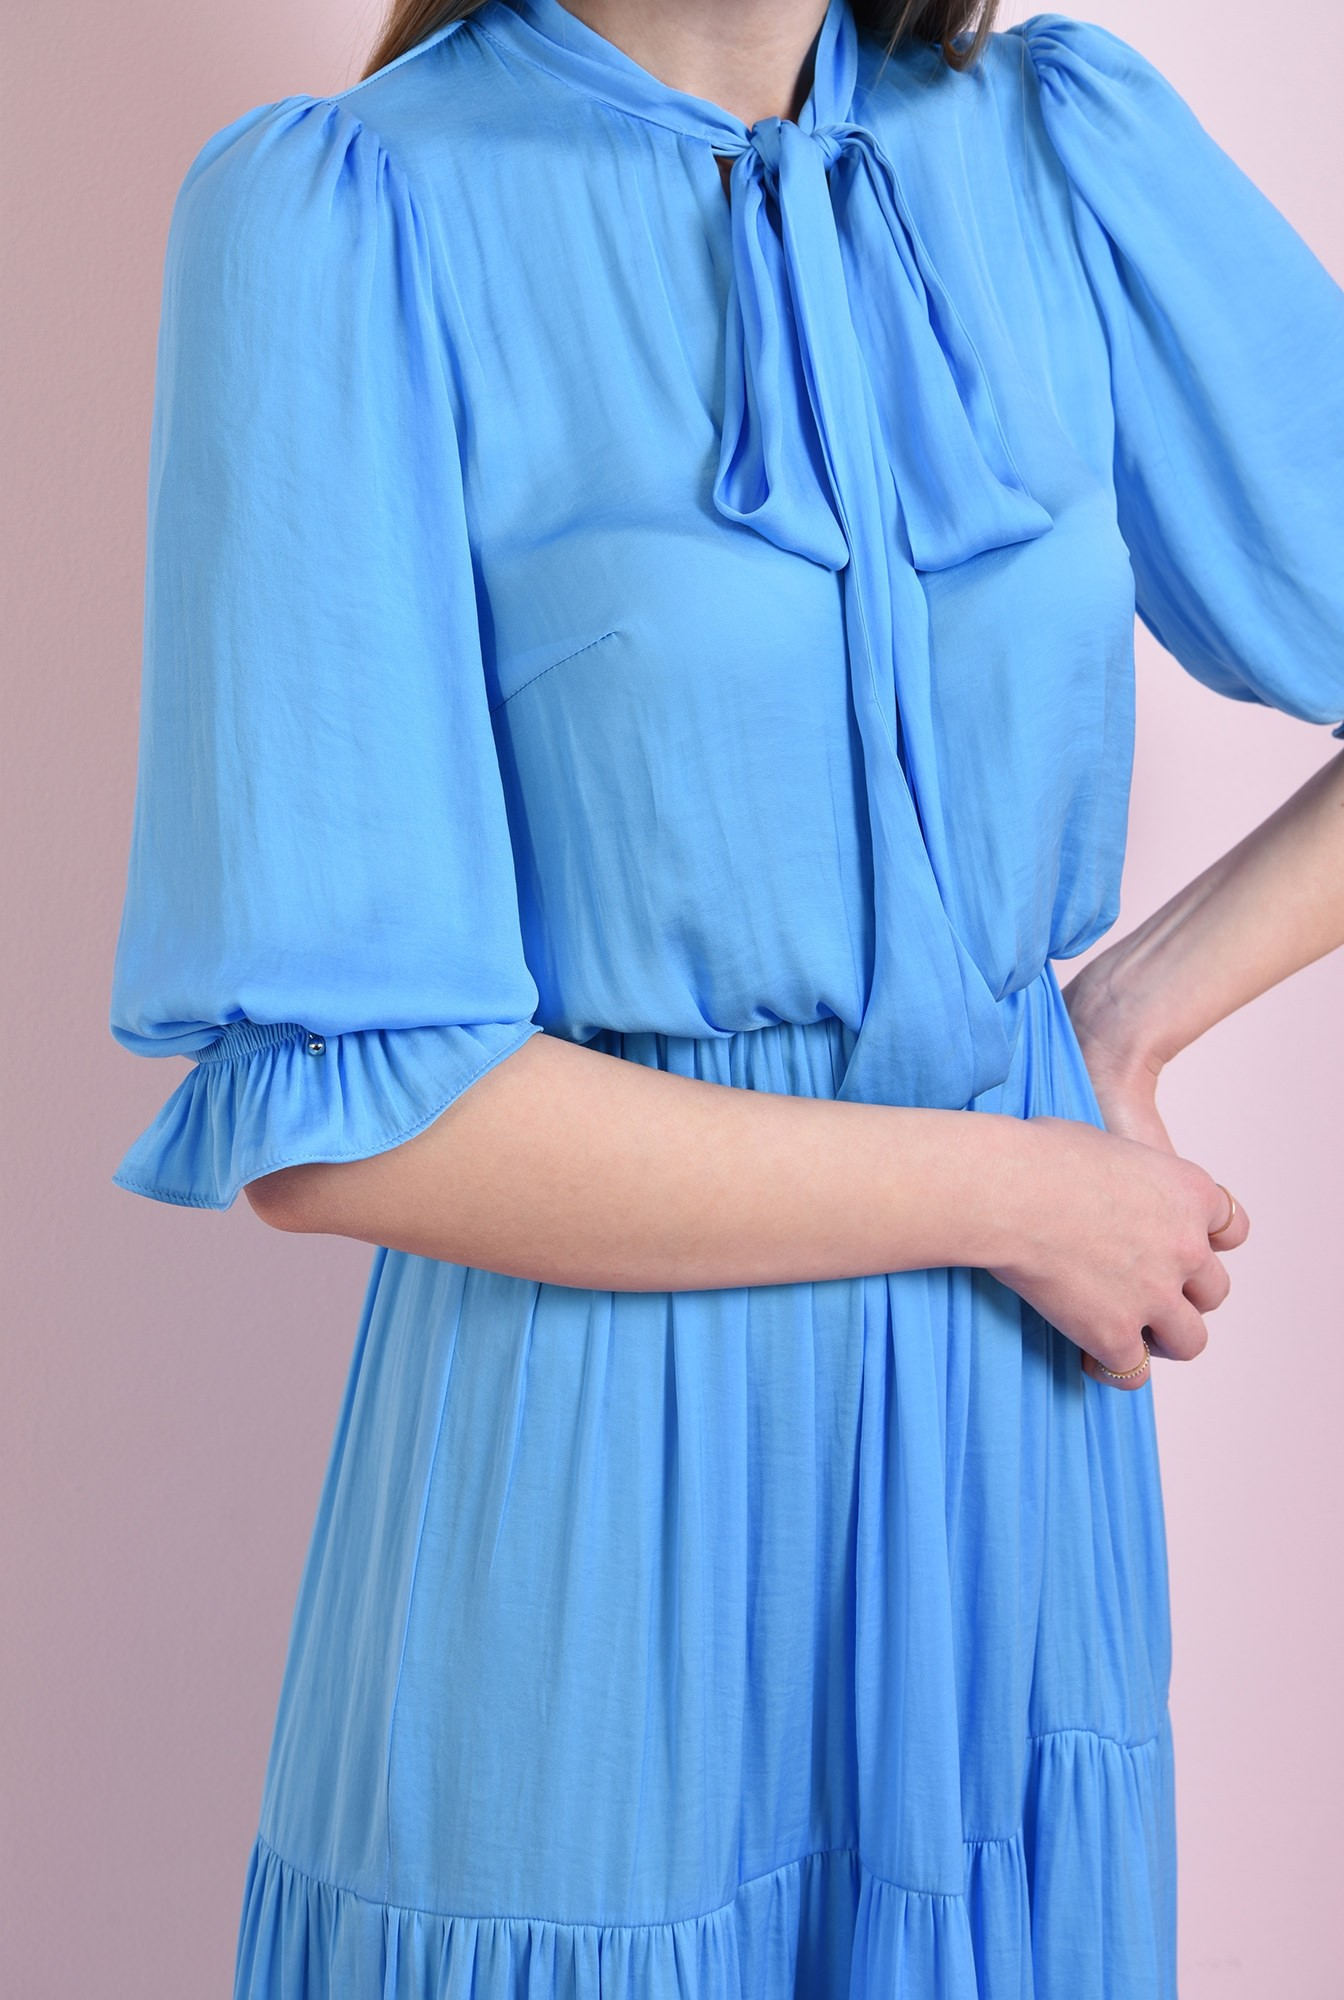 2 - rochie evazata, bleu, Poema